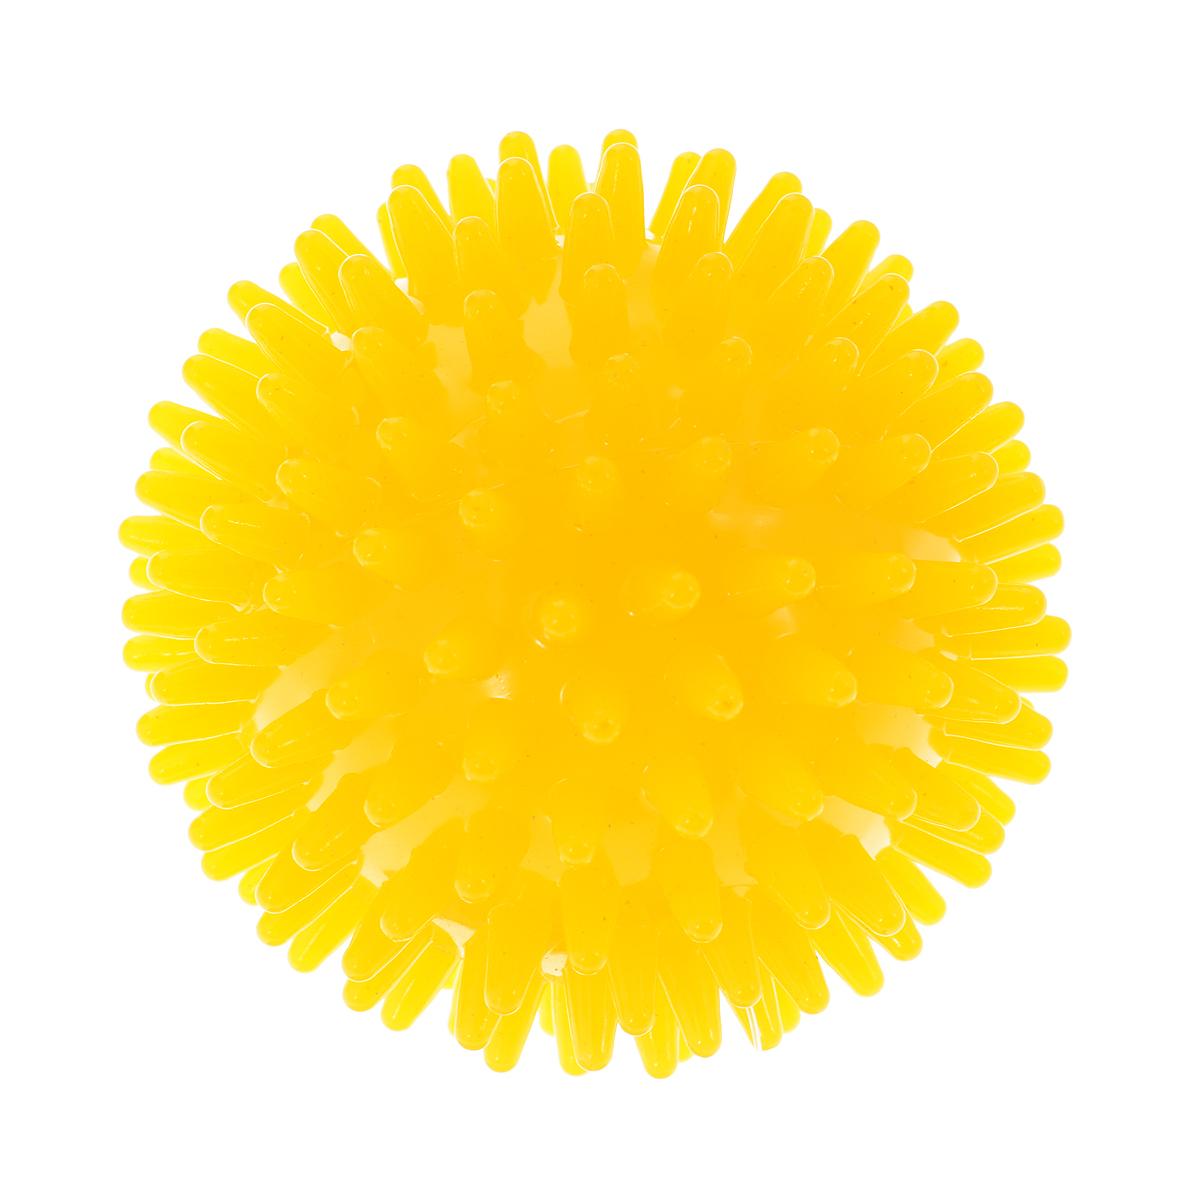 Игрушка для собак V.I.Pet Массажный мяч, цвет: желтый, диаметр 6 см600YEXИгрушка для собак V.I.Pet Массажный мяч, изготовленная из ПВХ, предназначена для массажа и самомассажа рефлексогенных зон. Она имеет мягкие закругленные массажные шипы, эффективно массирующие и не травмирующие кожу. Игрушка не позволит скучать вашему питомцу ни дома, ни на улице.Диаметр: 6 см.